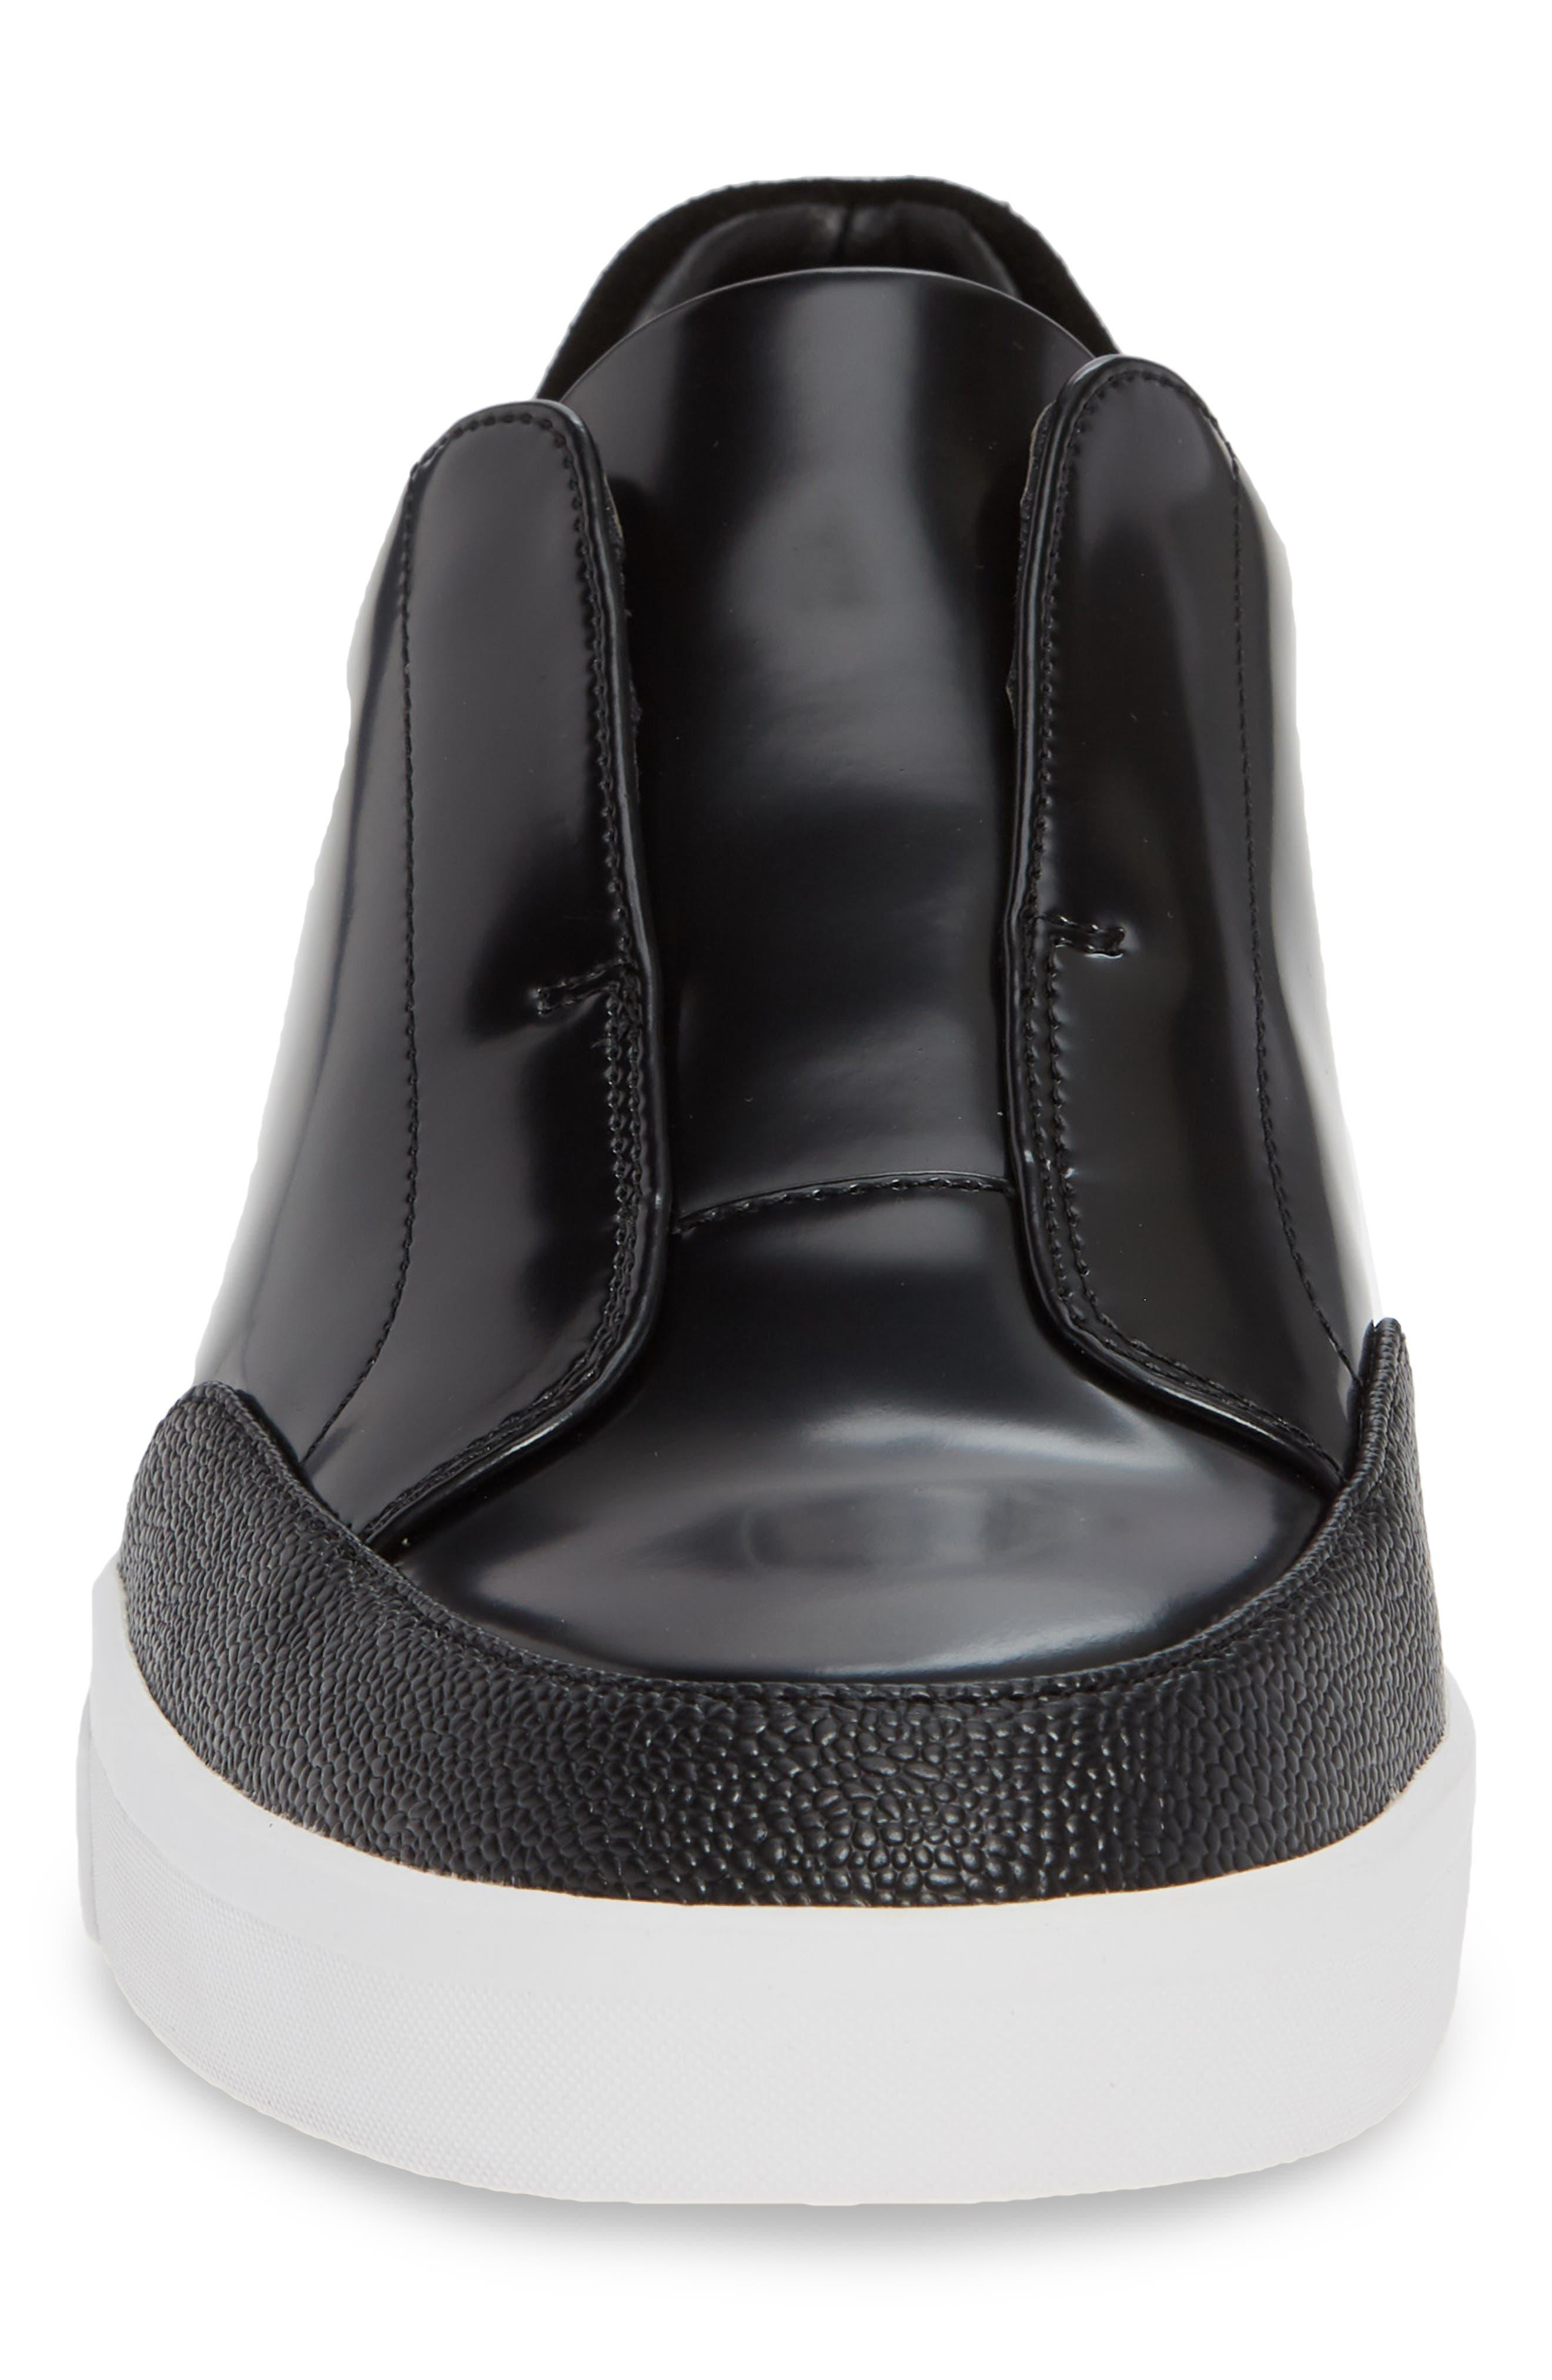 Immanuel Slip-On Sneaker,                             Alternate thumbnail 4, color,                             BLACK LEATHER